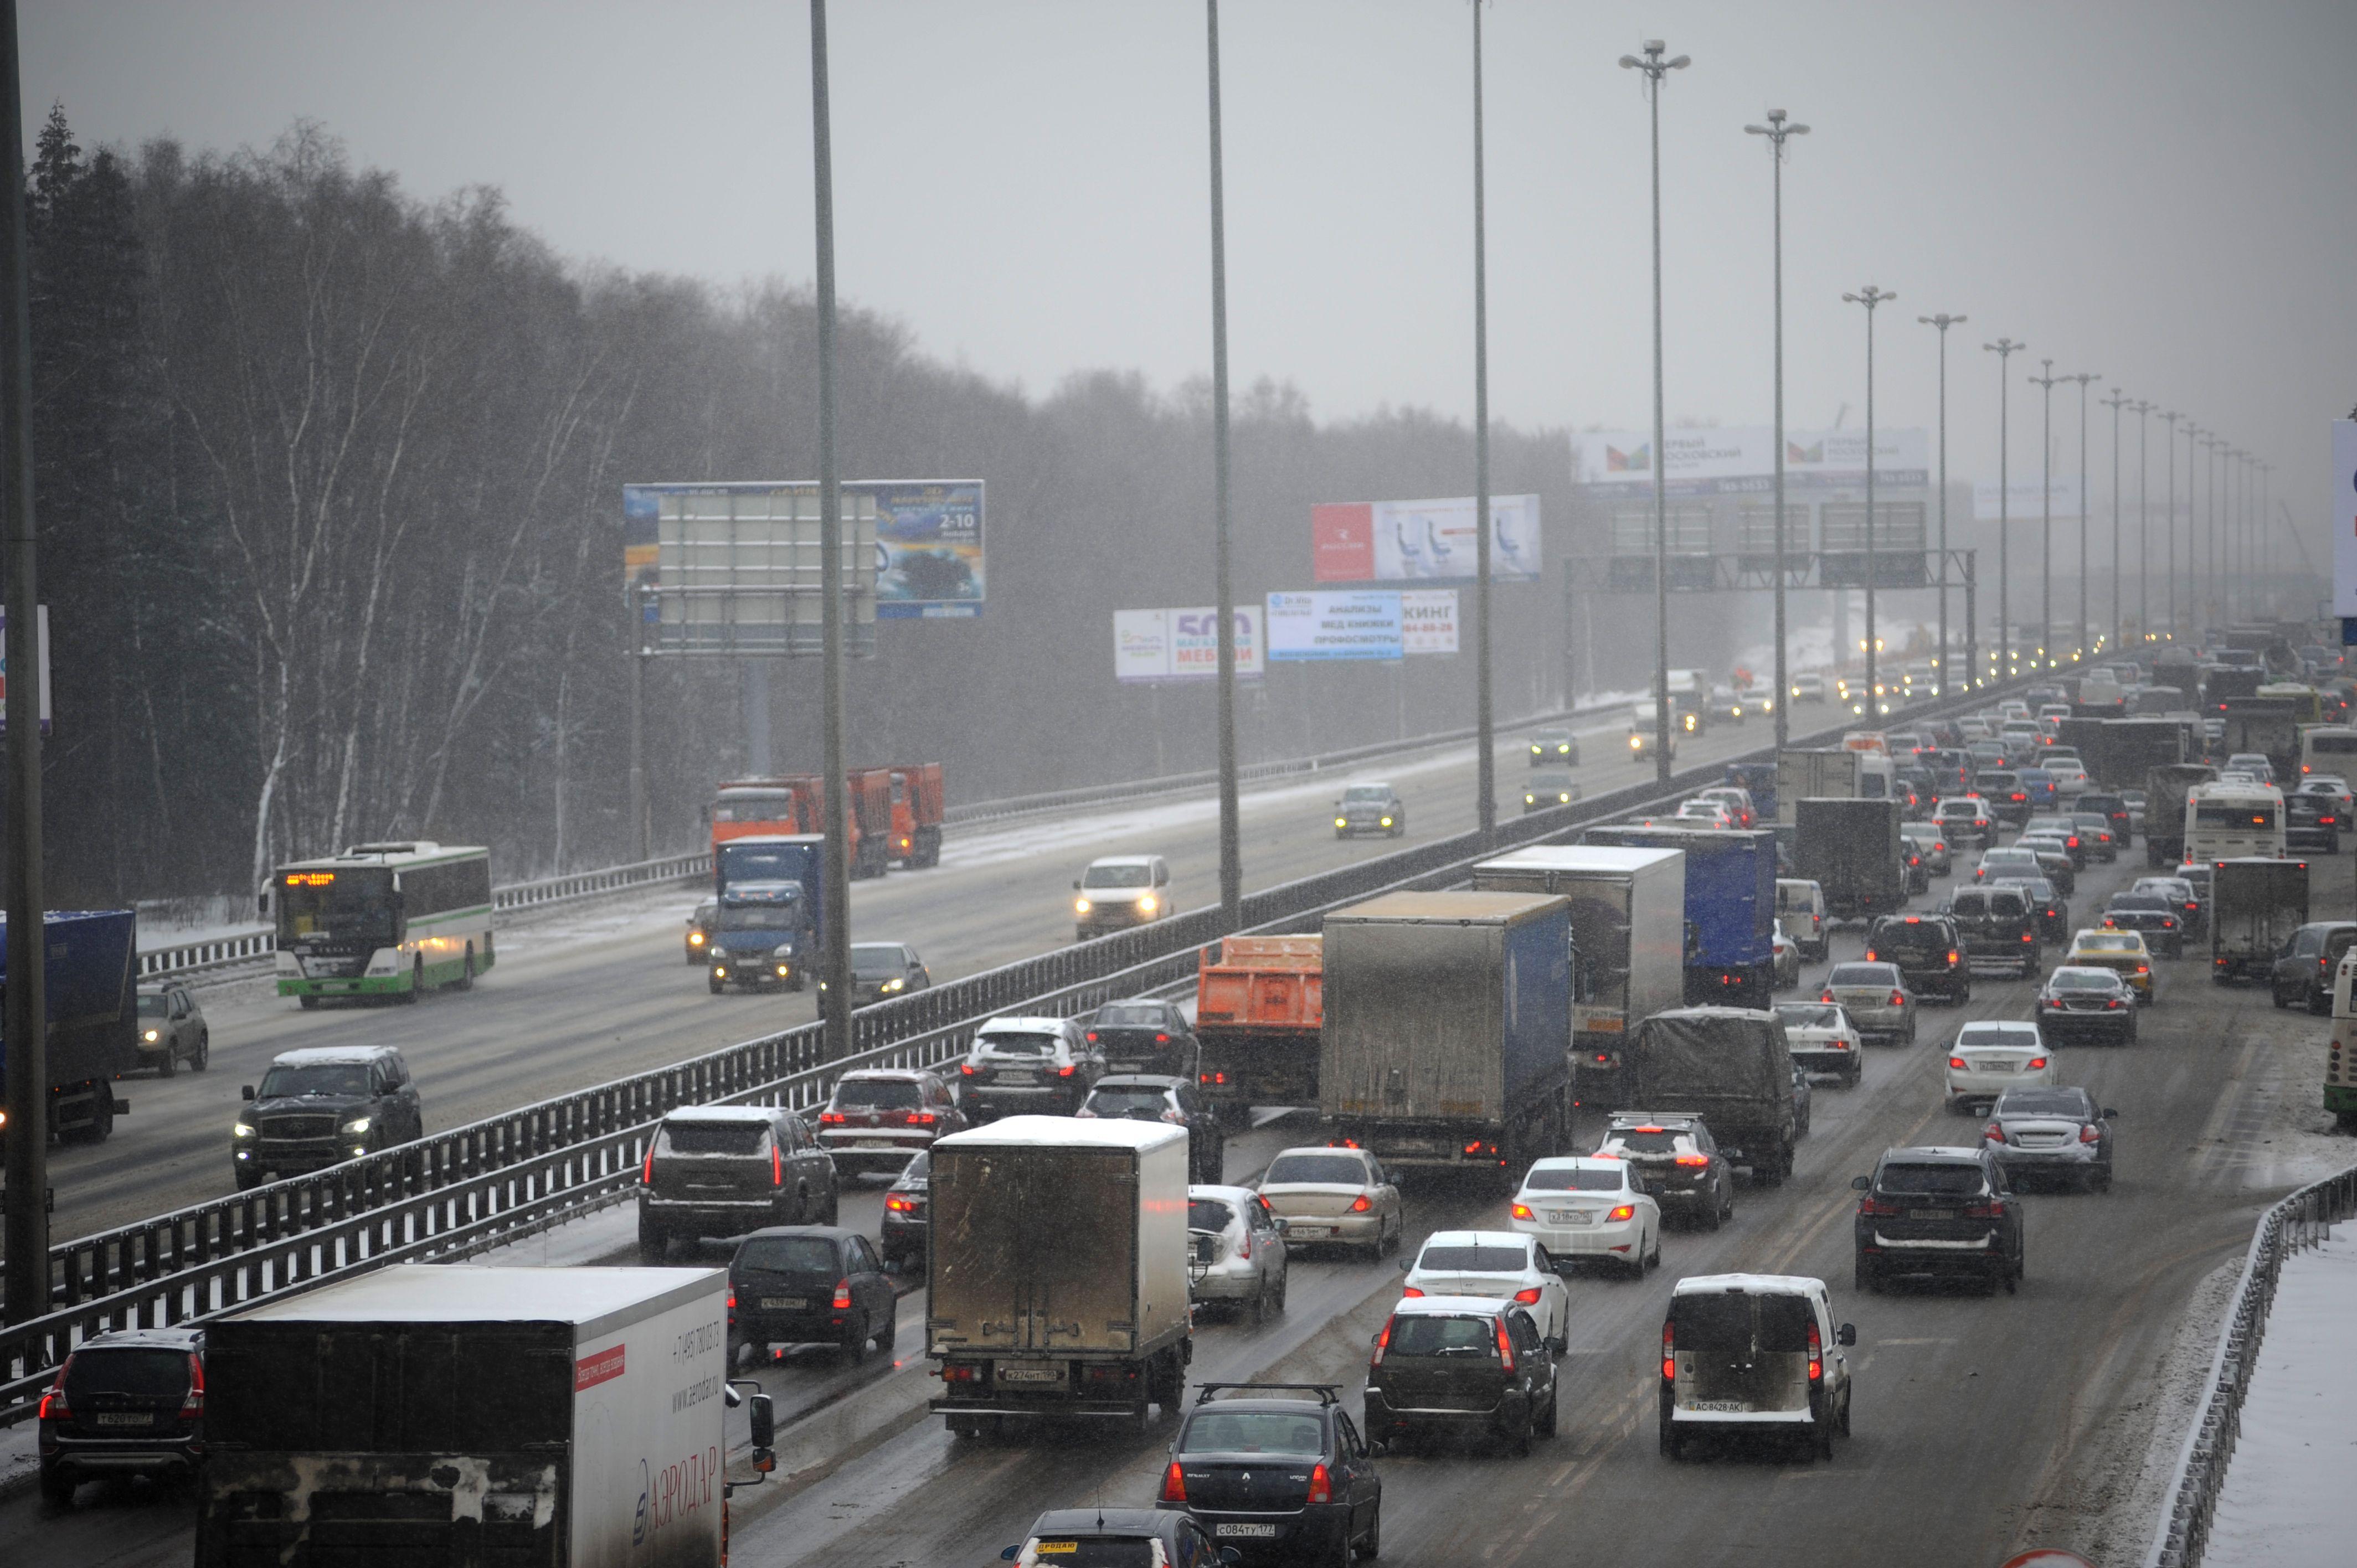 ЦОДД предупредил московских водителей об опасном снегопаде